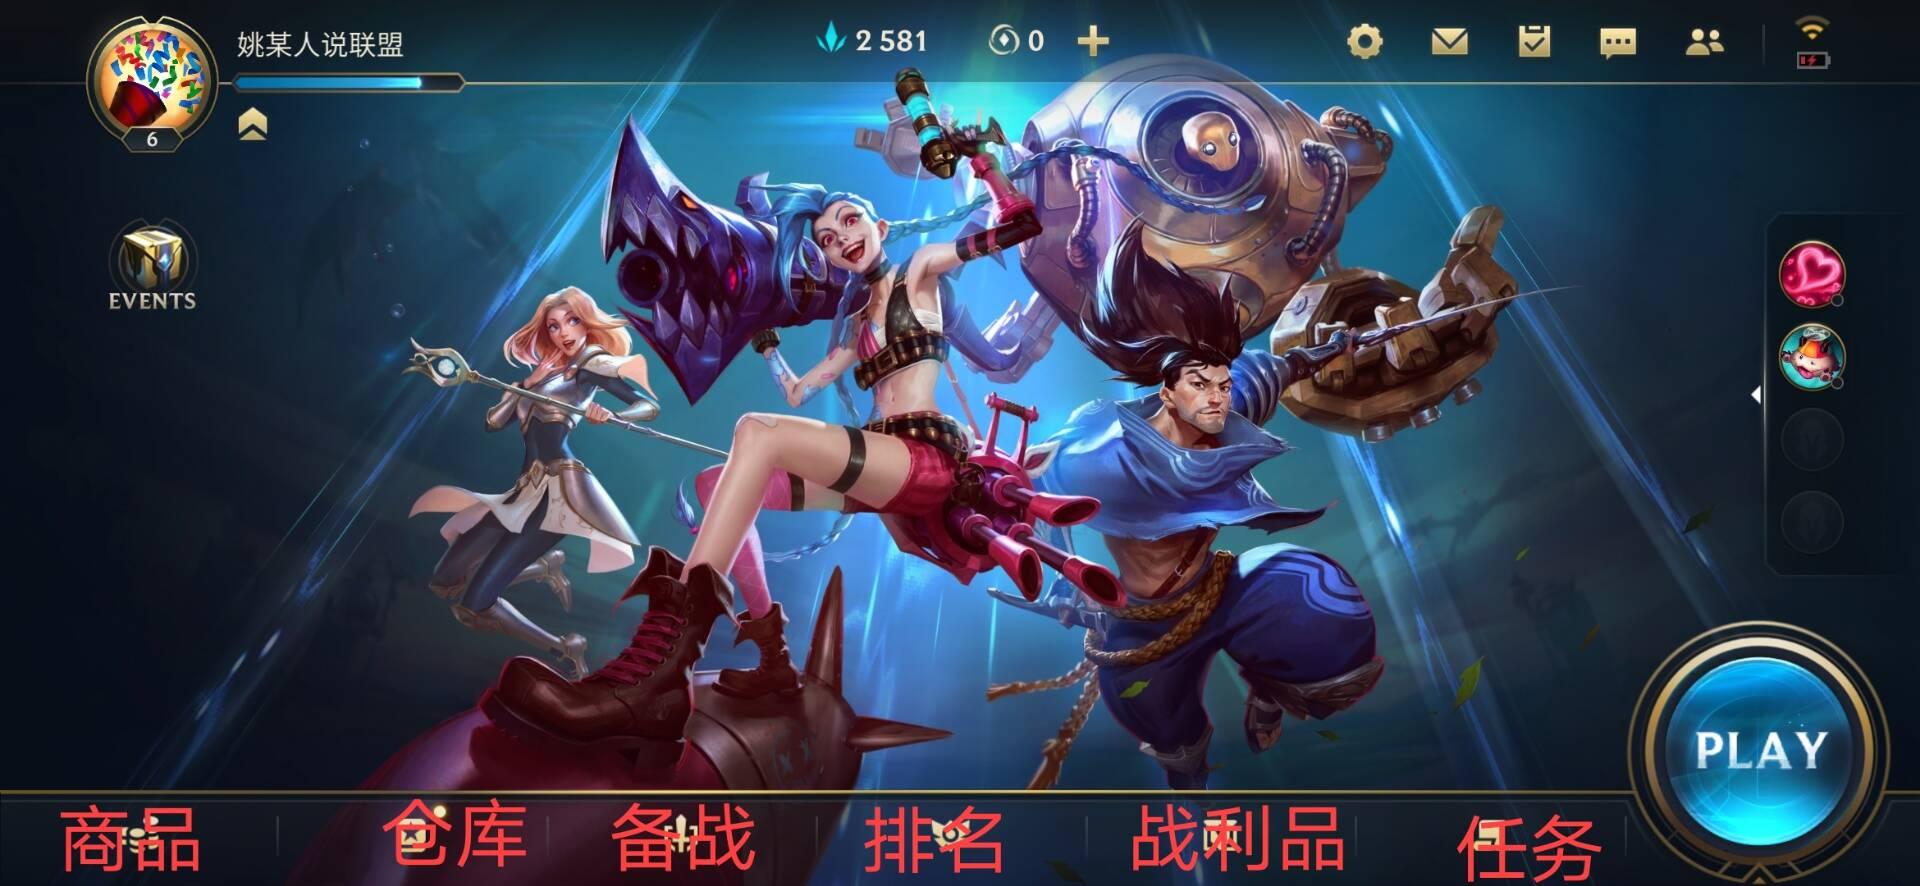 无修_英雄联盟手游全汉化翻译,帮助各位玩家快速掌握游戏的基础设置-第2张图片-游戏摸鱼怪